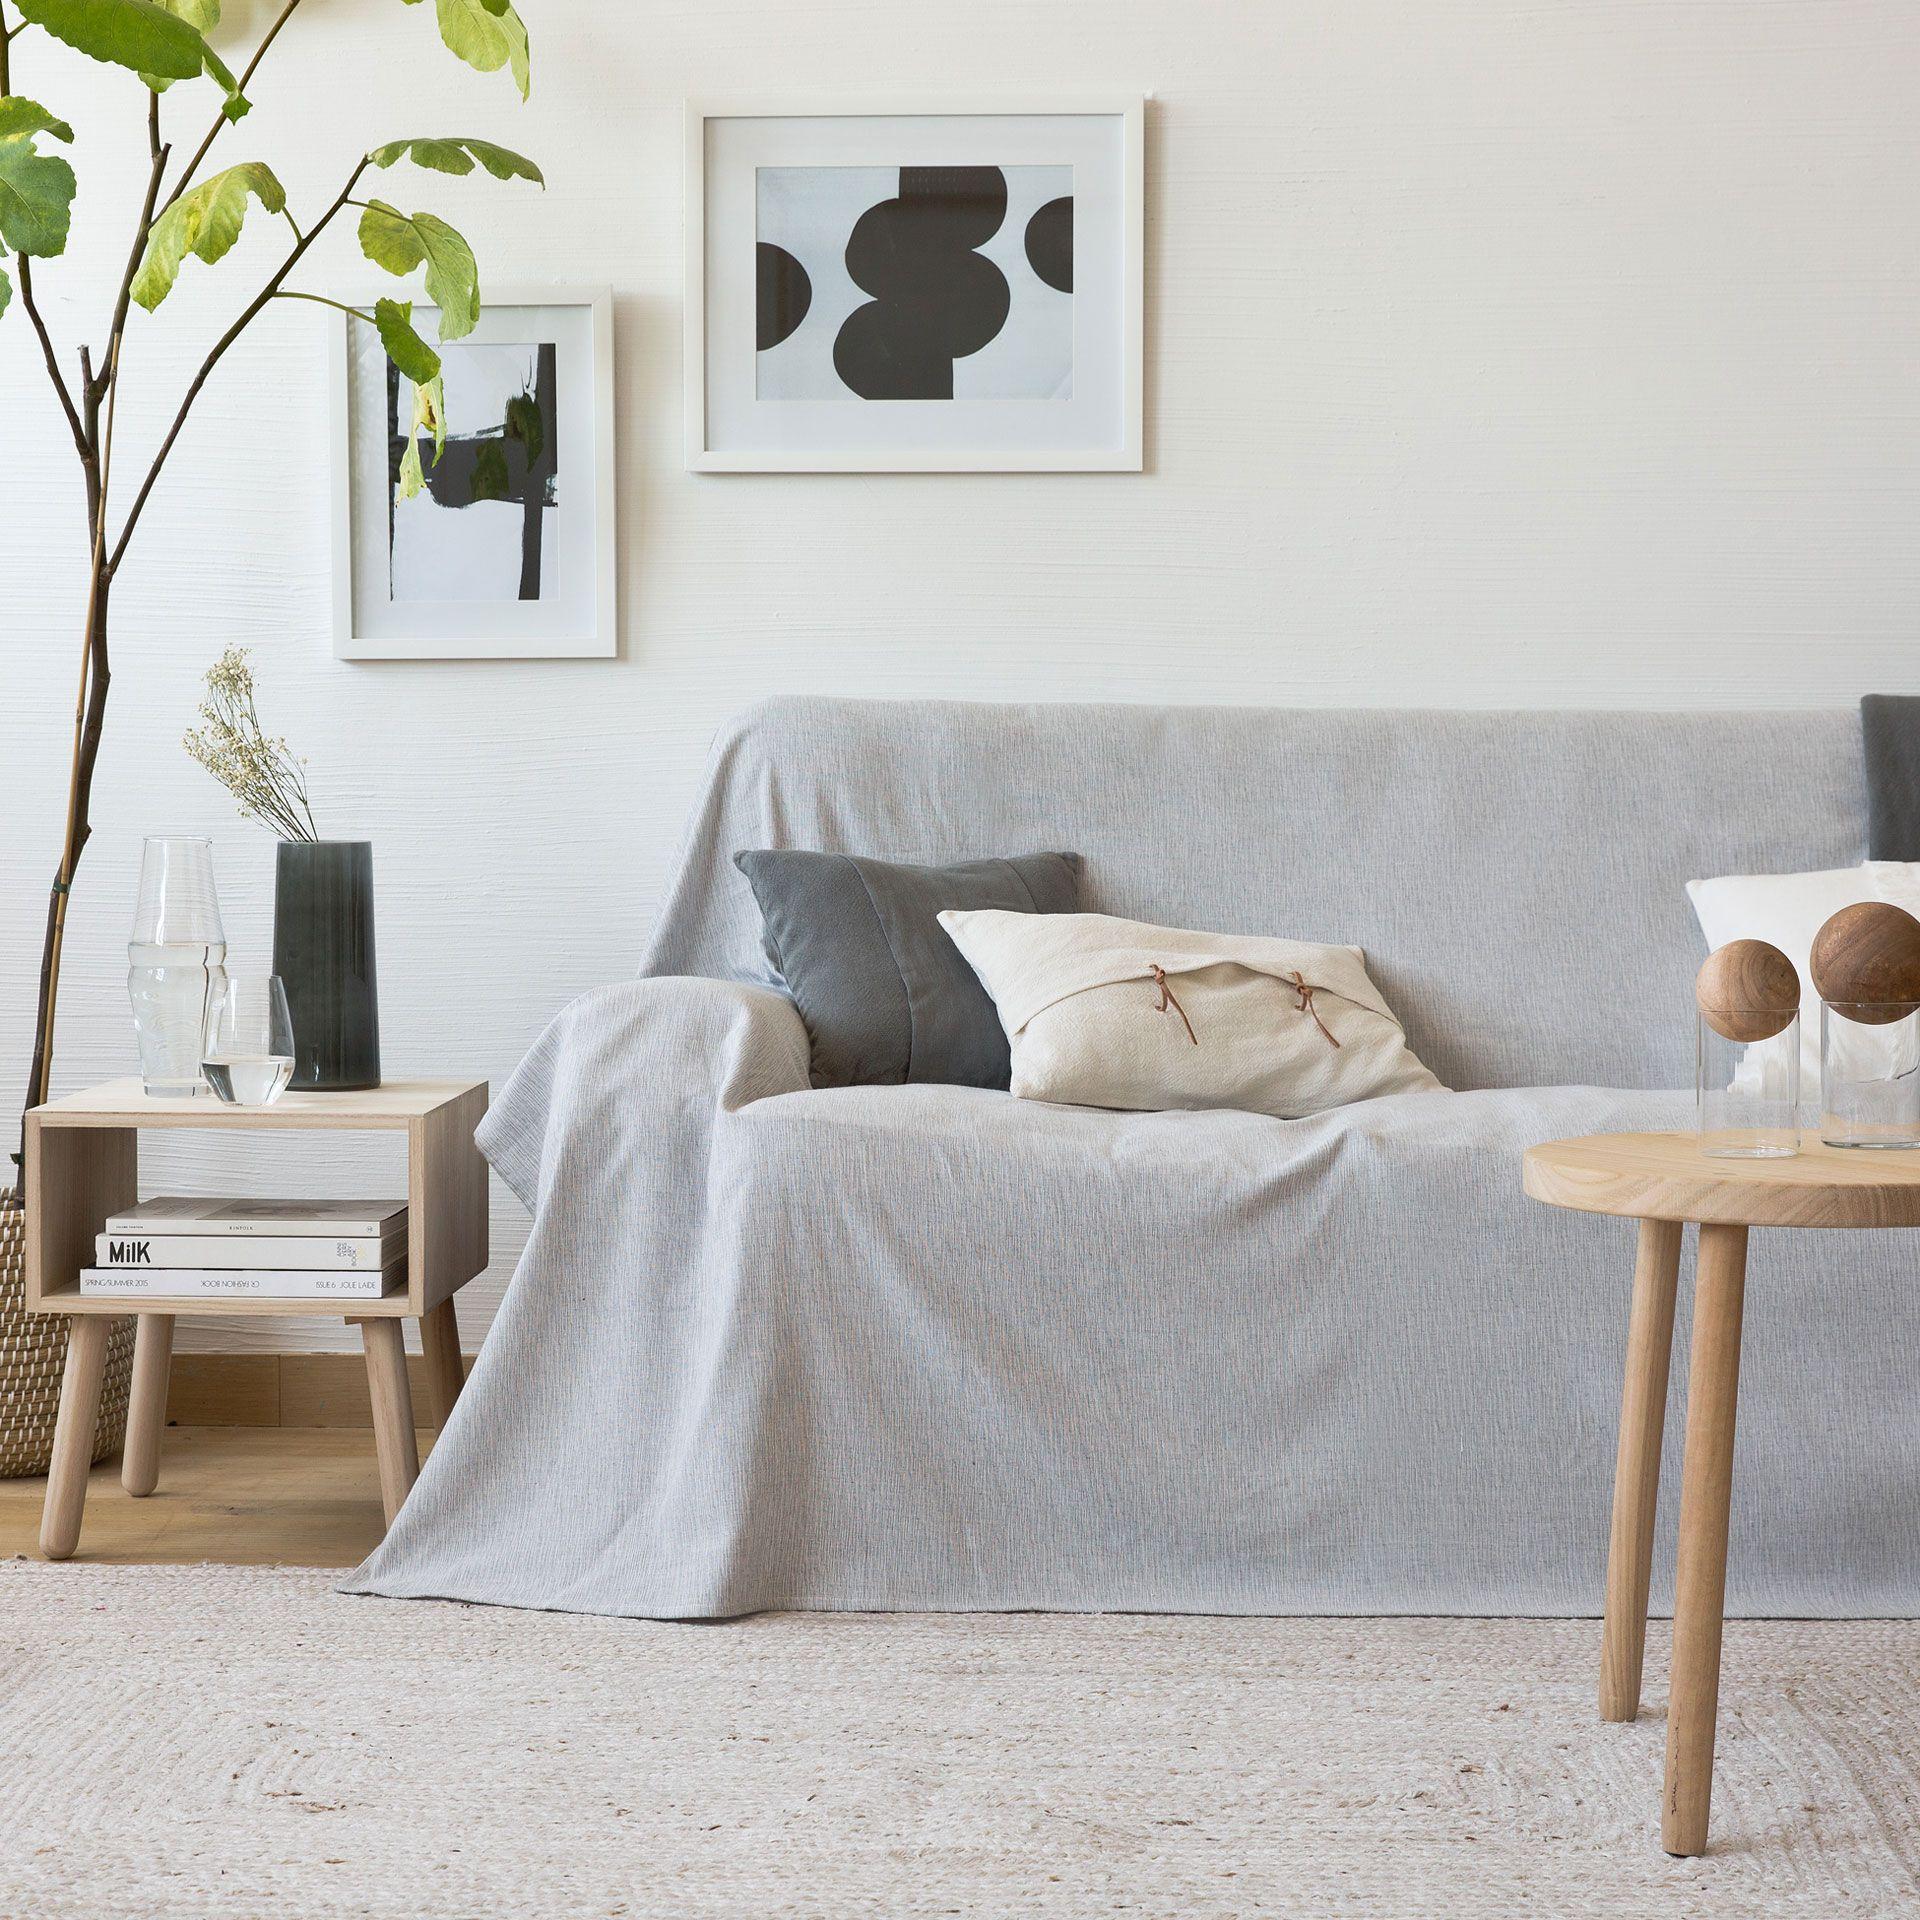 Colcha multiusos efecto m lange color gris azulado - Colchas cama zara home ...